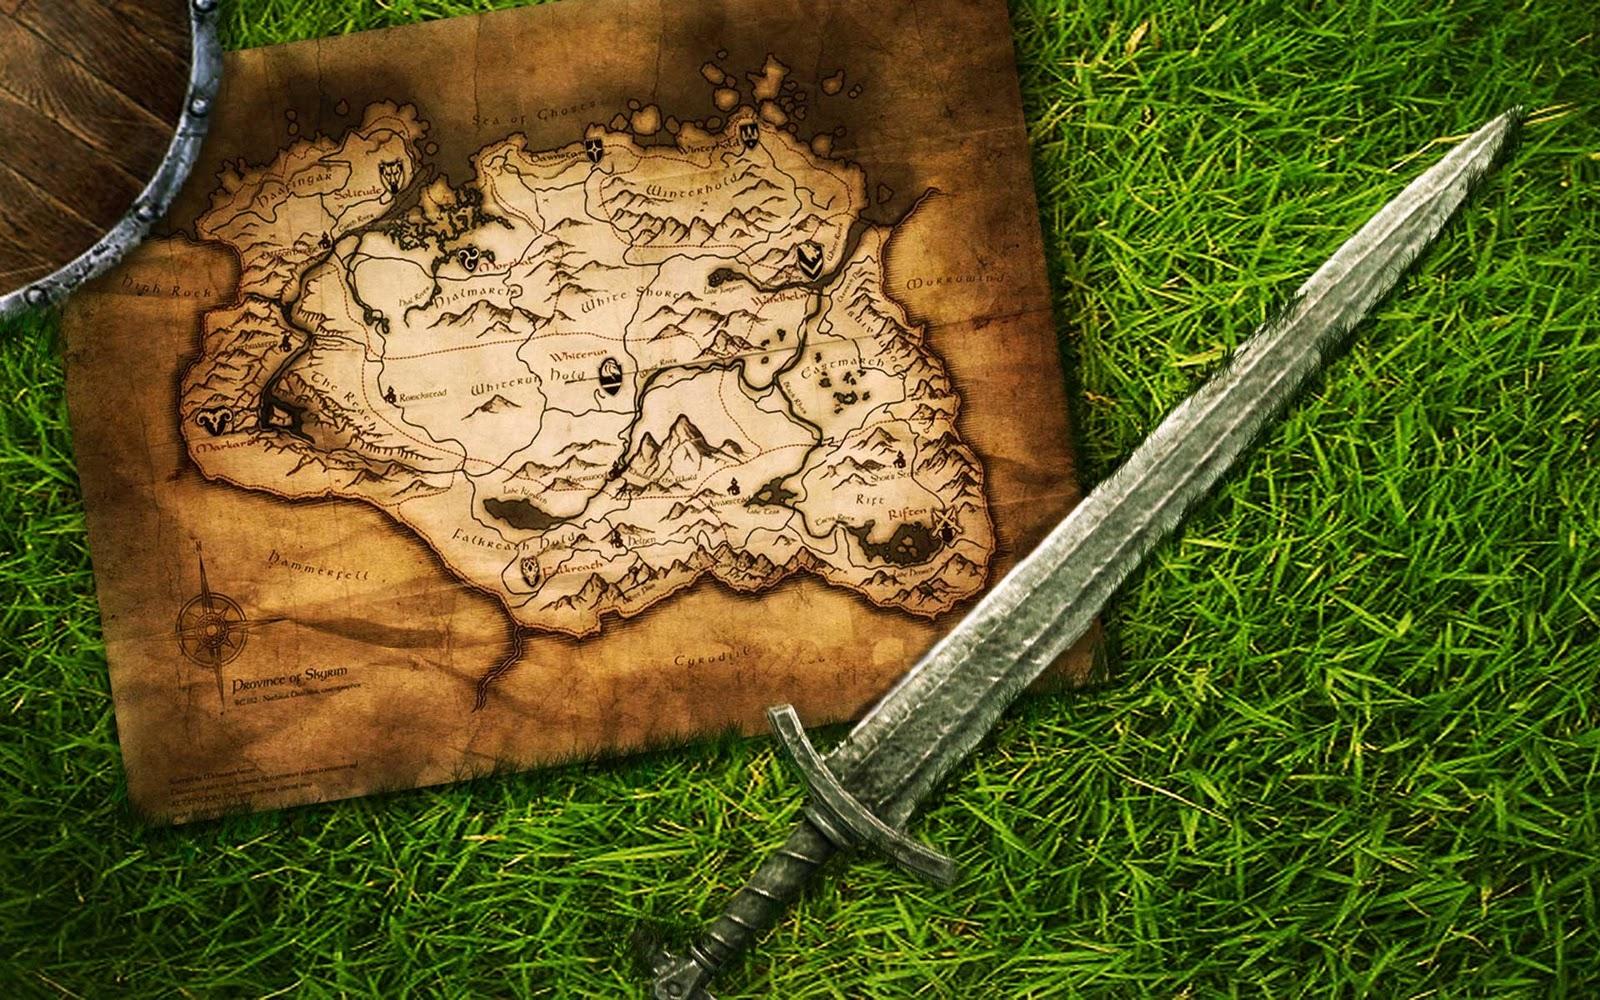 AAAAAAAADXE8fPJDWYHJbws1600skyrim wallpaper map wallpaper lgjpg 1600x1000